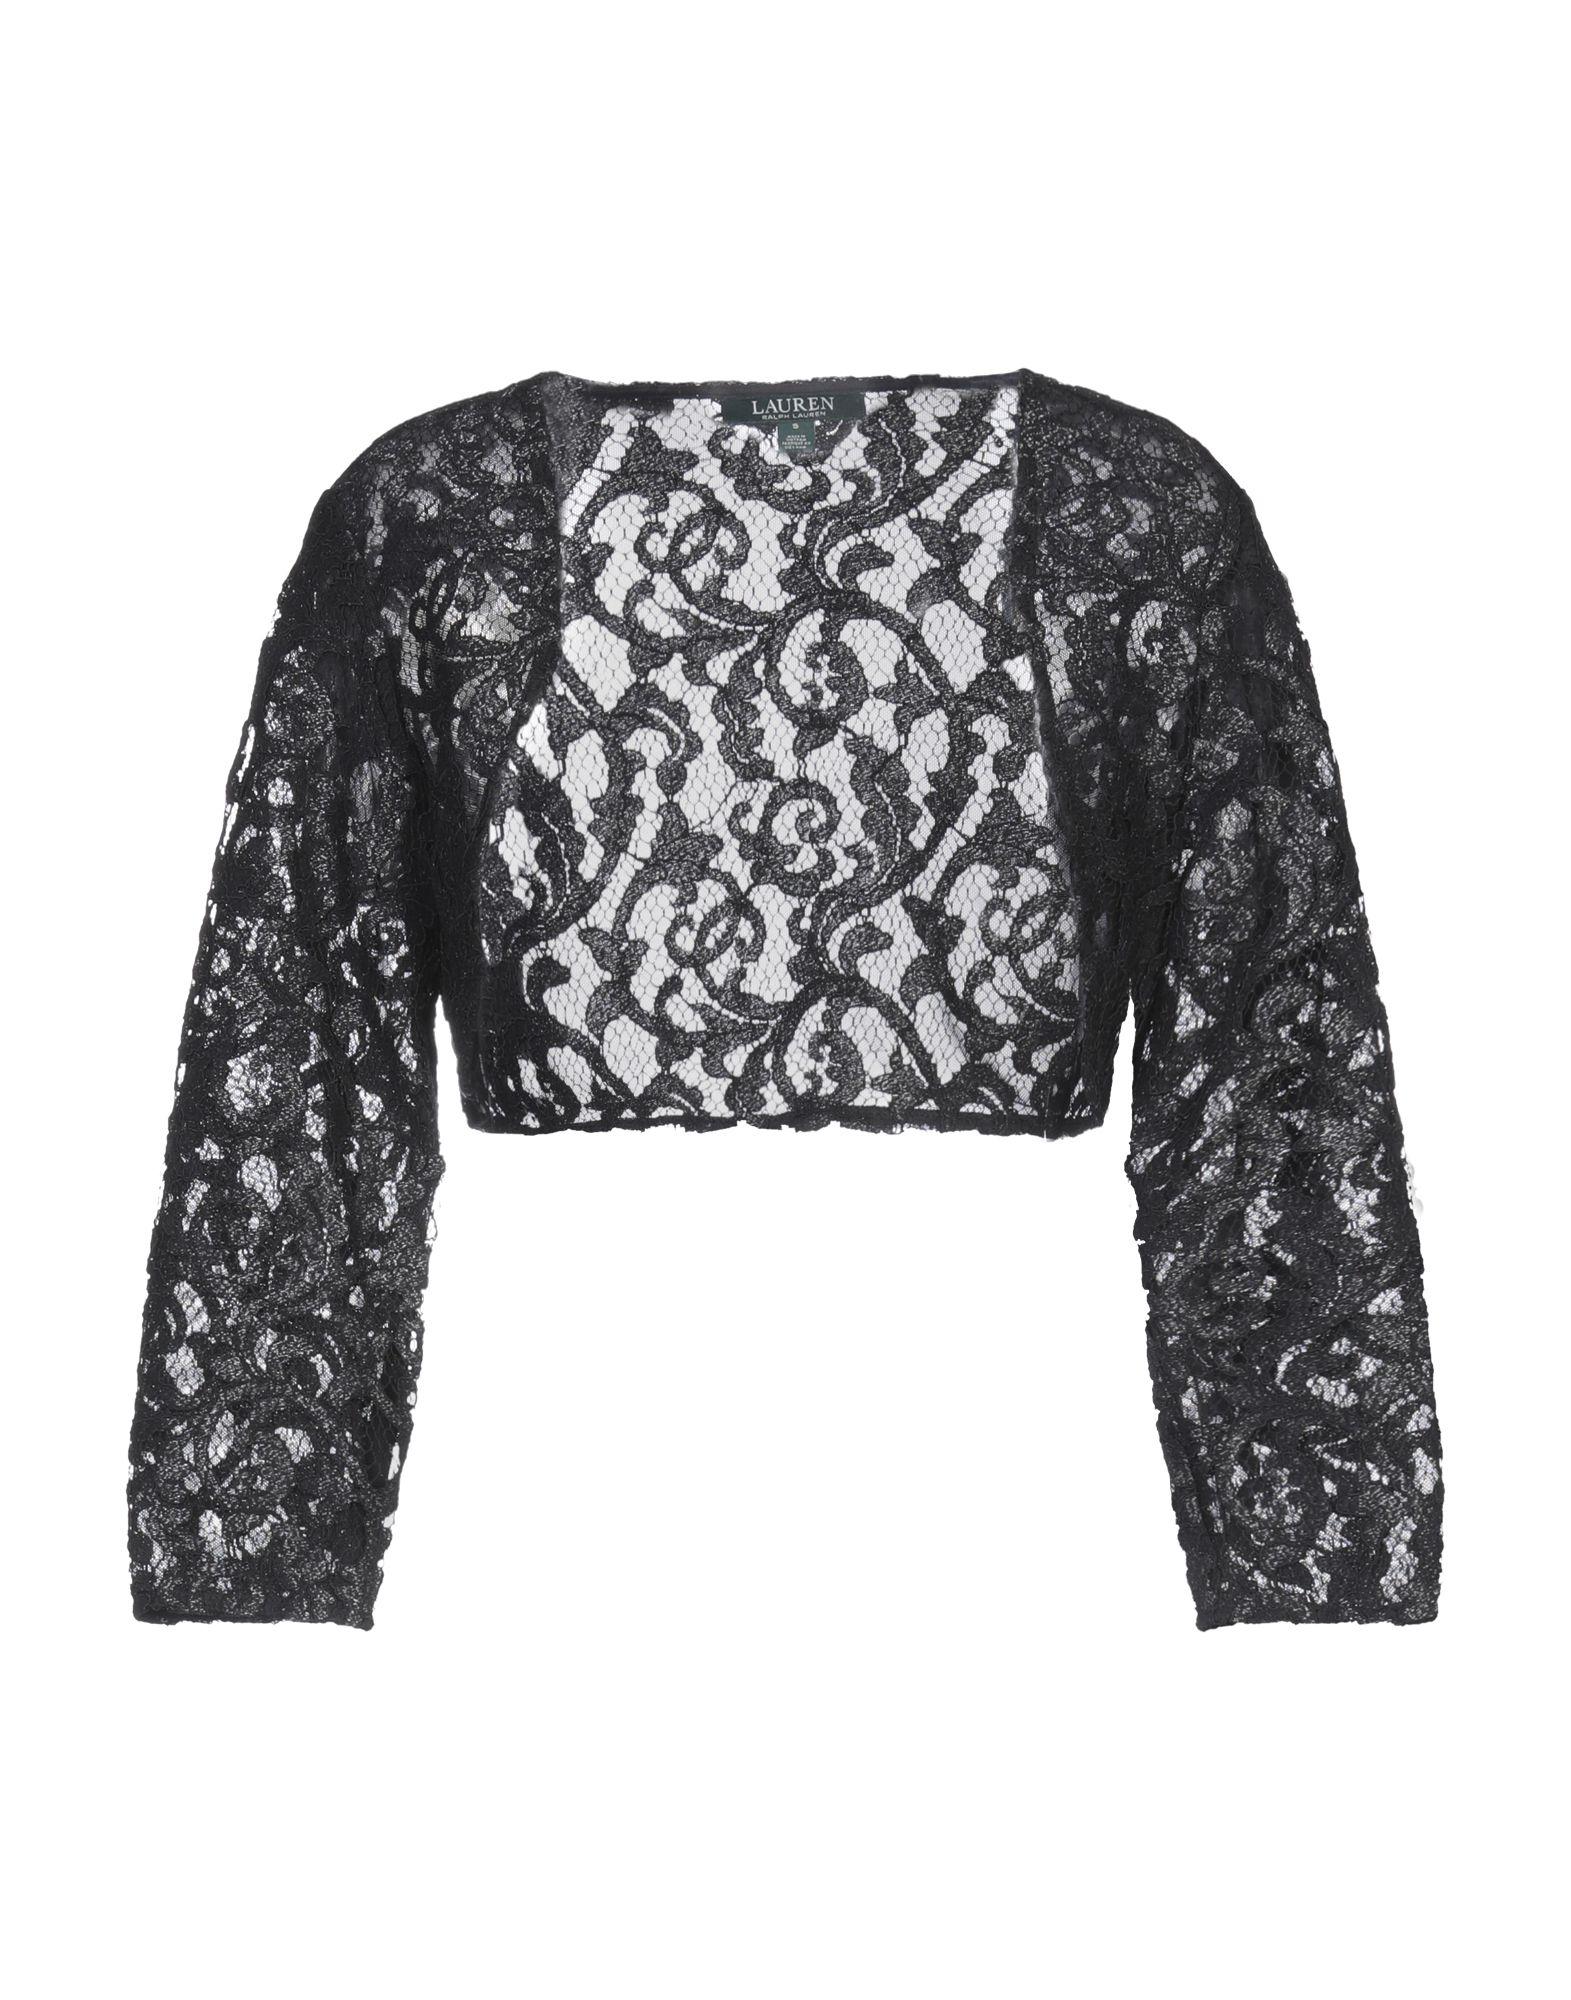 LAUREN RALPH LAUREN Болеро lauren ralph lauren блузка